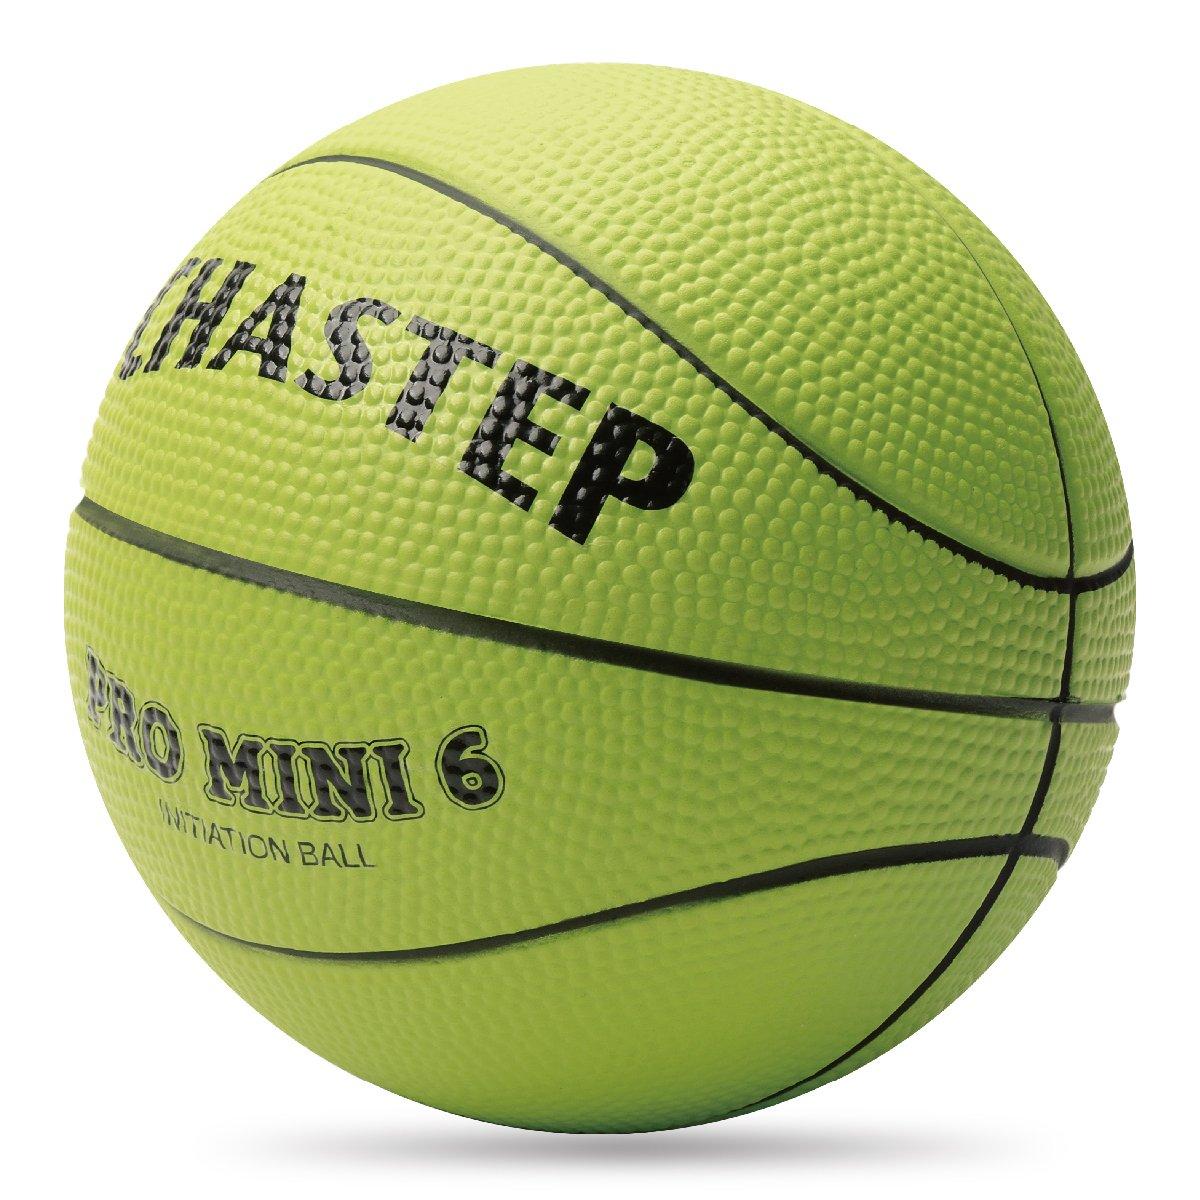 Chastep Mini Basketball Schaumstoffball Soft und elastisch , ungiftig , sicher zu spiele 15cm Qunxian